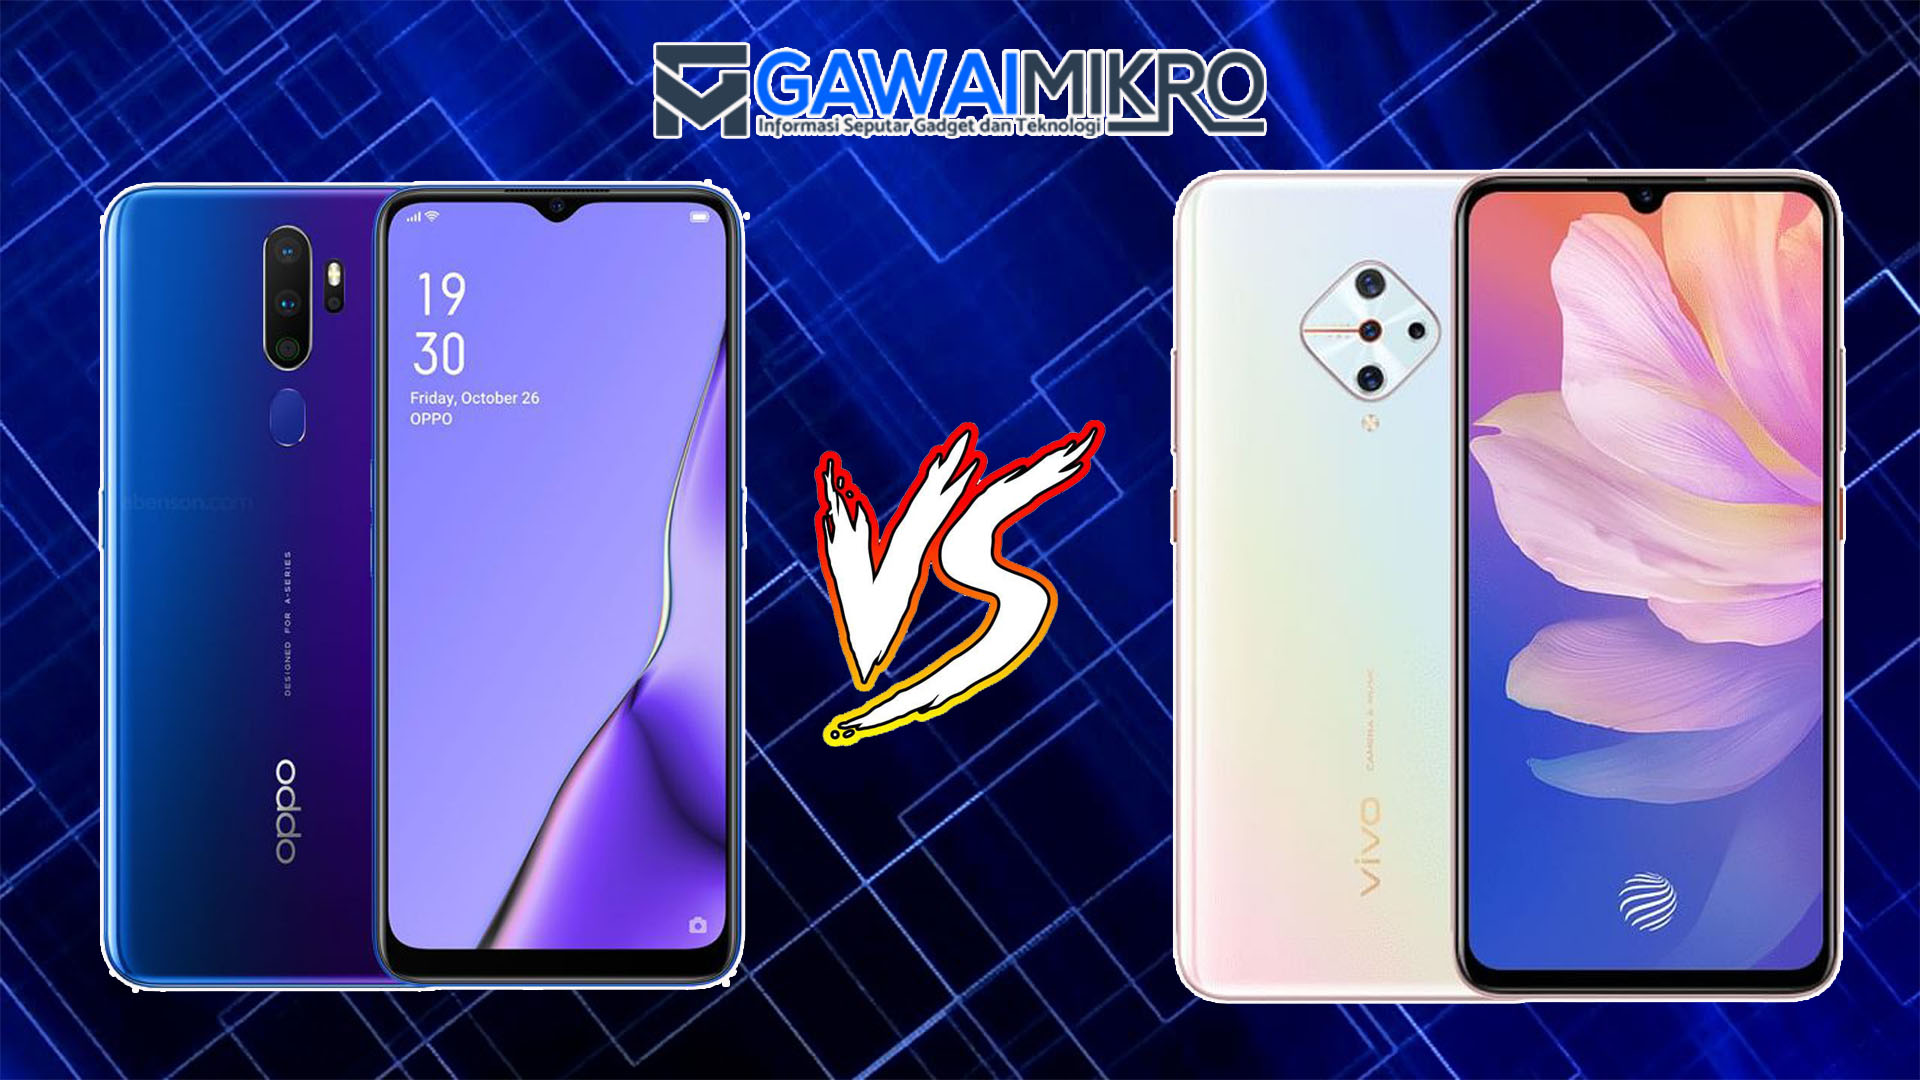 Oppo A9 2020 vs Vivo S1 Pro